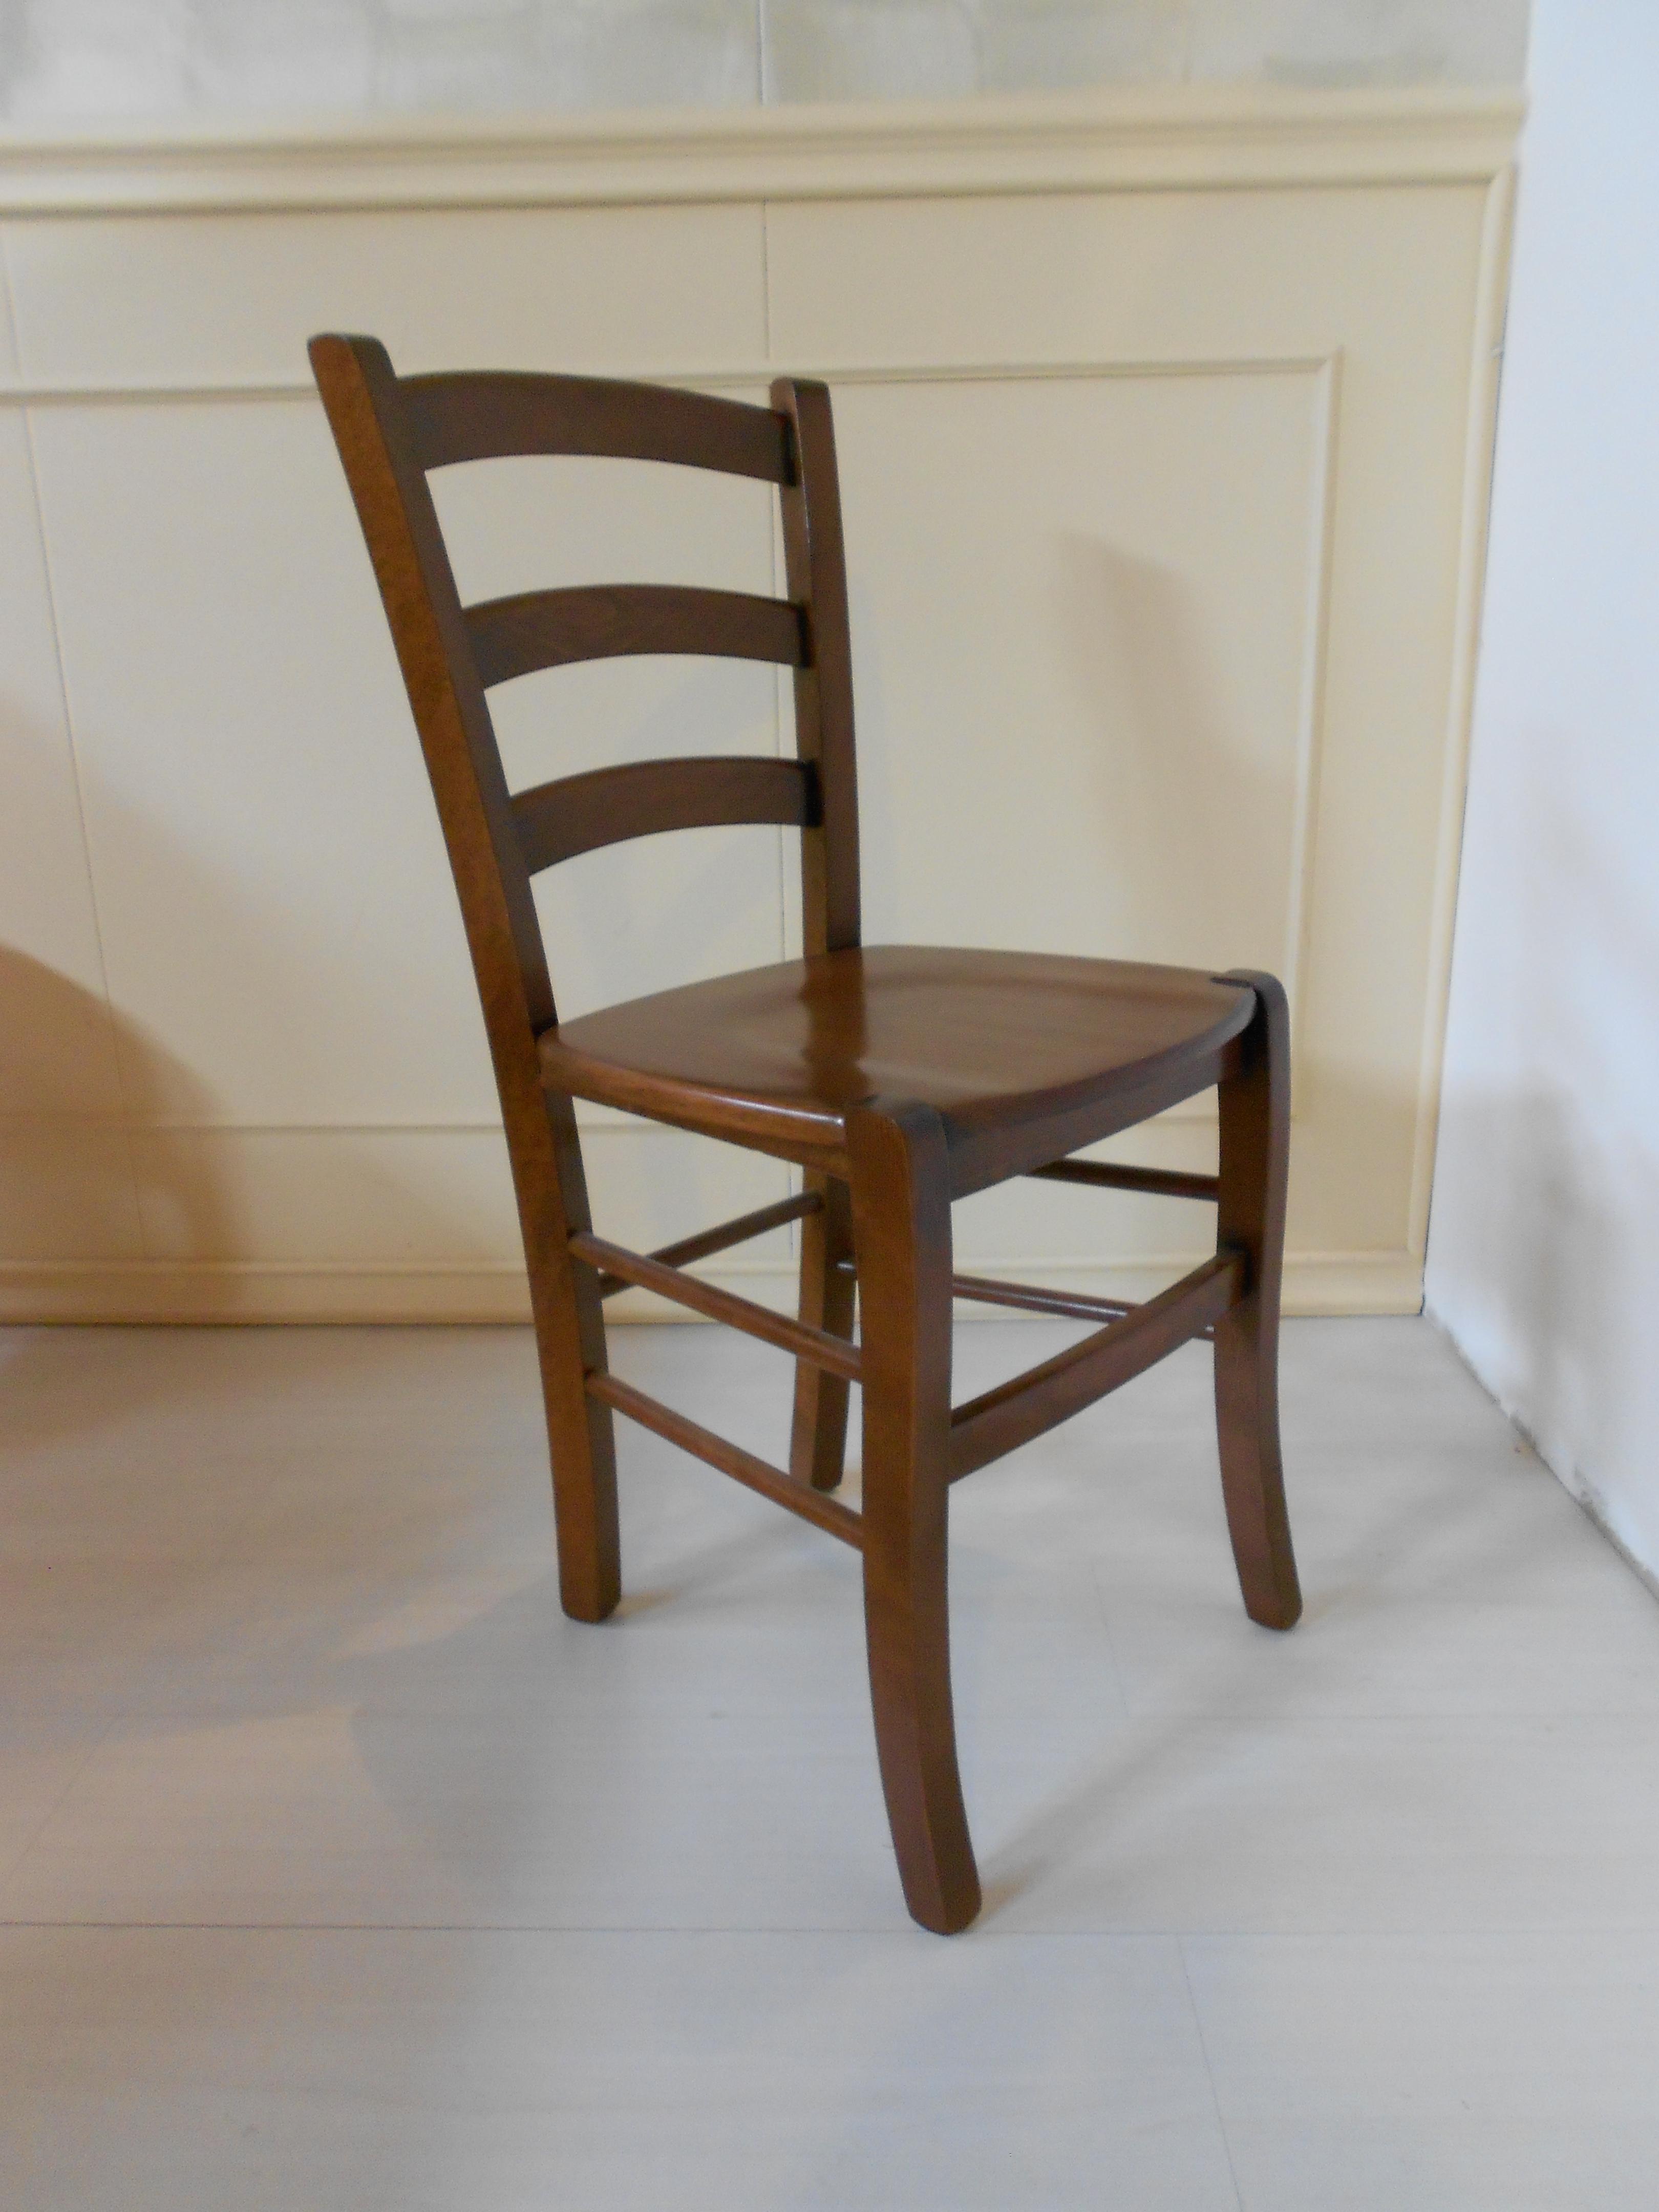 sedie in legno fratelli mirandola scontate del 50 sedie